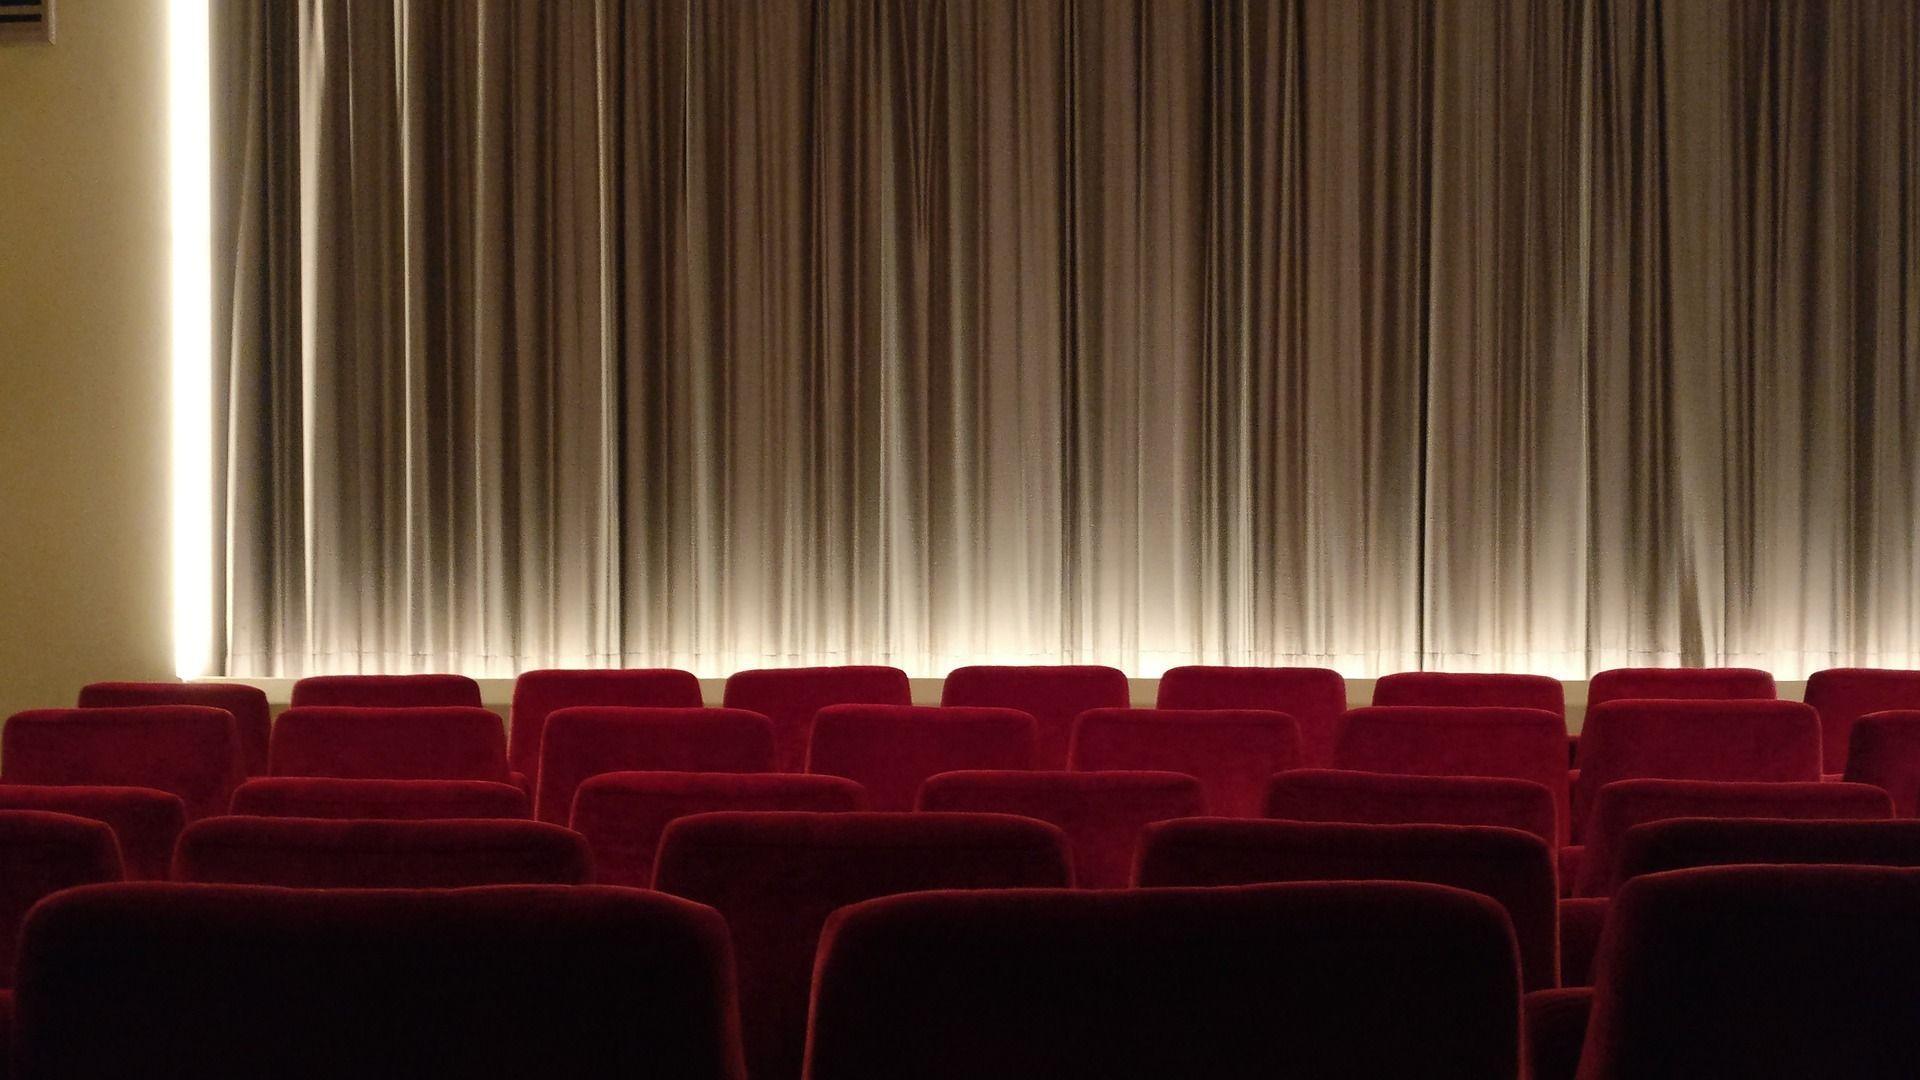 Kinosaal von innen